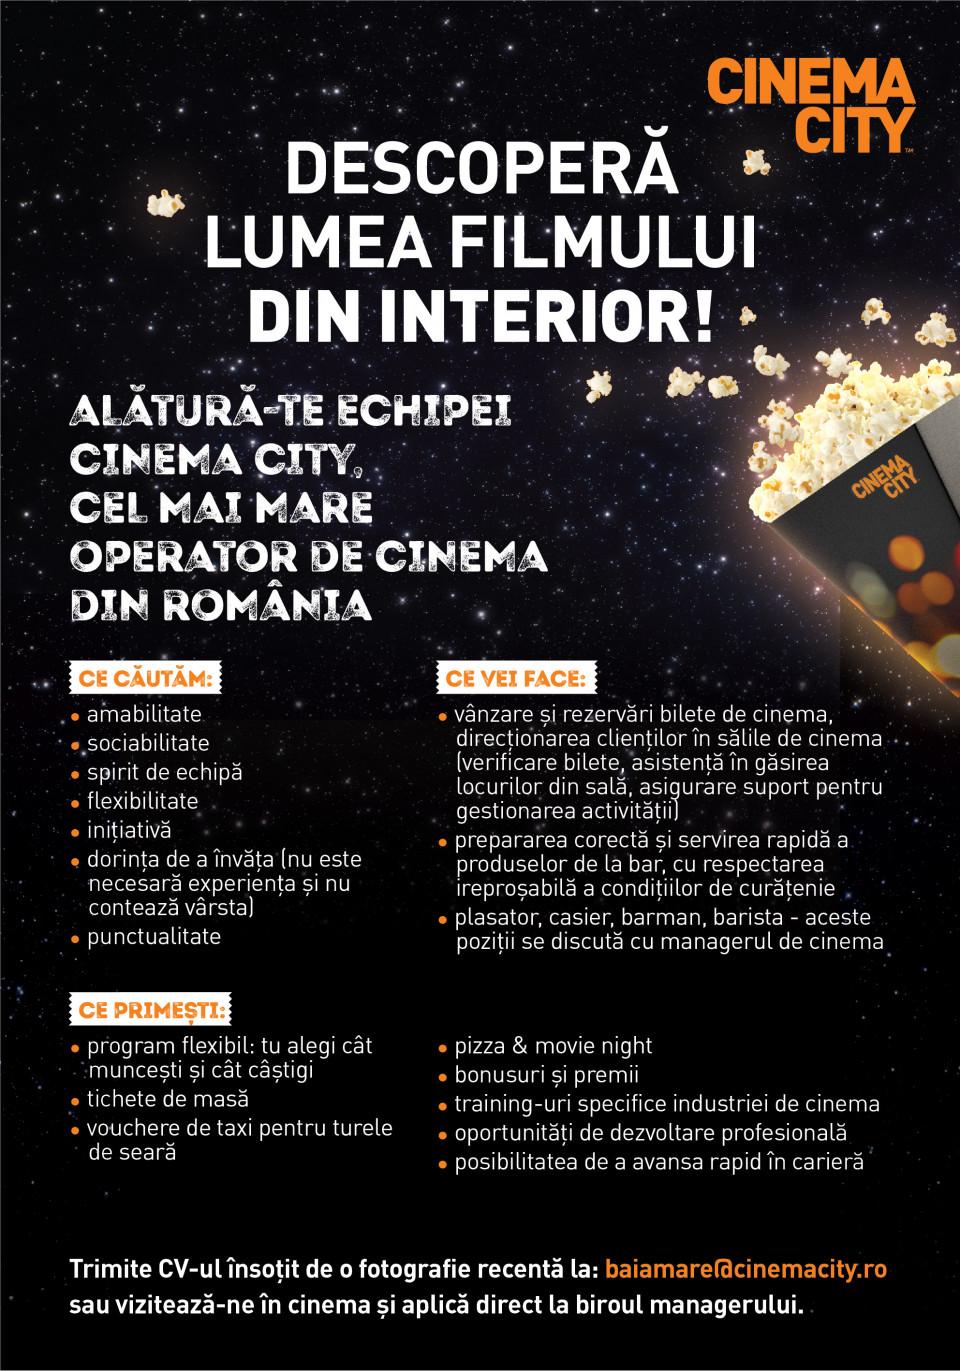 DESCOPERĂ LUMEA FILMULUI DIN INTERIOR!  Alătură-te echipei Cinema City, cel mai mare operator de cinema din România.  Cum ne dorim sa fie noul nostru coleg:  Cu atitudine pozitivă Dornic să învețe (nu este necesară experiența și nu contează vârsta) Punctual Cu bune abilități de comunicare și relaționare Amabil Să îi placă să lucreze în echipă Determinat Cu inițiativă Căutăm colegi care să descopere cu entuziasm lumea filmului din interior pentru următoarele roluri  Barman / Barista / Casier / Plasator  În funcție de rolul potrivit pentru tine, responsabilitățile generale ar putea fi:  - vânzarea de bilete și rezervări bilete de cinema, direcționarea clienților în cinema (verificare bilete, asistență în găsirea locurilor din sală, asigurare suport pentru gestionarea activității);  - preparea corectă și servirea rapidă a produselor de la bar sau cafenea, cu respectarea ireproșabilă a condițiilor de curățenie;  - întâmpinarea clienților și oferirea informațiilor corecte despre produsele noastre;  Barman / Barista / Casier / Plasator – aceste poziții se discută în cadrul interviului.  Ce îți garantăm:  - Program flexibil (tu alegi cât muncești și cât câștigi) - Tichete de masa - Pizza & Movie night - Bonusuri și premii - Training-uri specifice industriei de cinema - Vouchere de taxi pentru turele de seară - Oportunități de dezvoltare profesională - Posibilitatea de a avansa rapid în carieră  Punem accent pe dezvoltarea oamenilor și ne dorim ca fiecare coleg să fie foarte bine pregătit profesional existând șanse de promovare. Dezvoltă și tu o carieră în industria de cinema!  Trimite CV-ul insotit de o fotografie recenta la: baiamare@cinemacity.ro sau viziteaza-ne in cinema si aplica direct la biroul managerului.  Te așteptăm cu drag! Descoperă lumea filmului din interior!Alătură-te echipei Cinema City, cel mai mare operator de cinema din România, parte din Cineworld, al doilea mare lanț de cinematografe din lume!Ne dorim să fim cel mai bun loc unde se vizionează filmele 